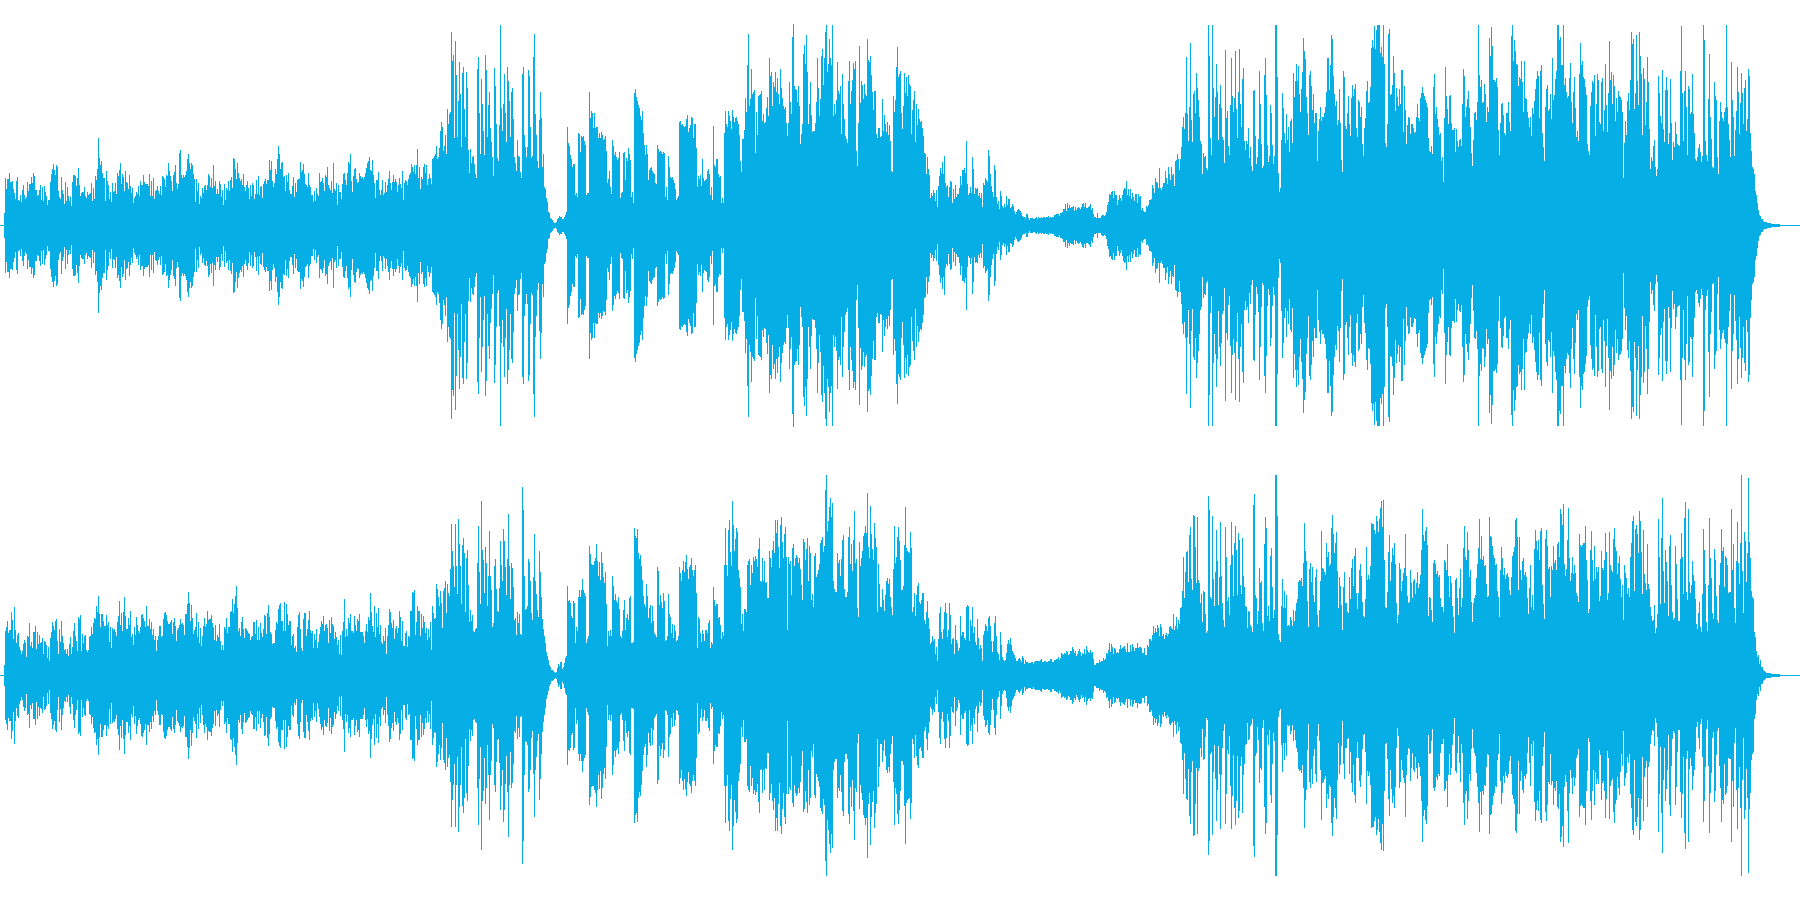 和楽器を取り入れたエピック風な曲の再生済みの波形